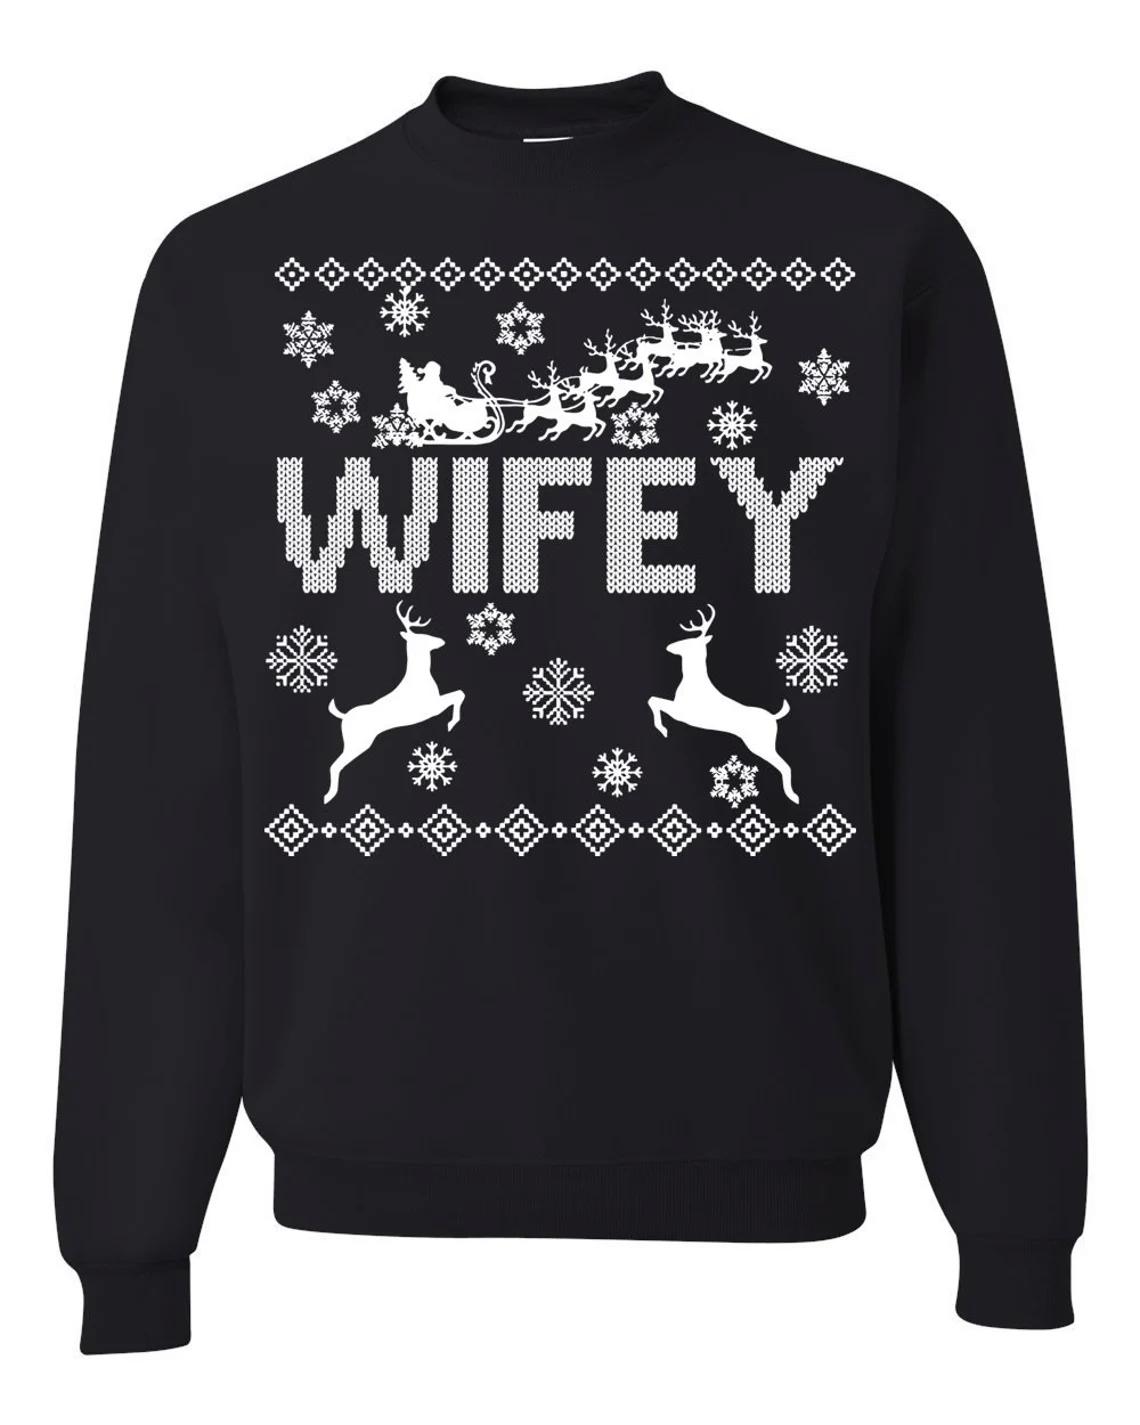 Hubby Wifey Couple Matching Christmas Sweatshirt